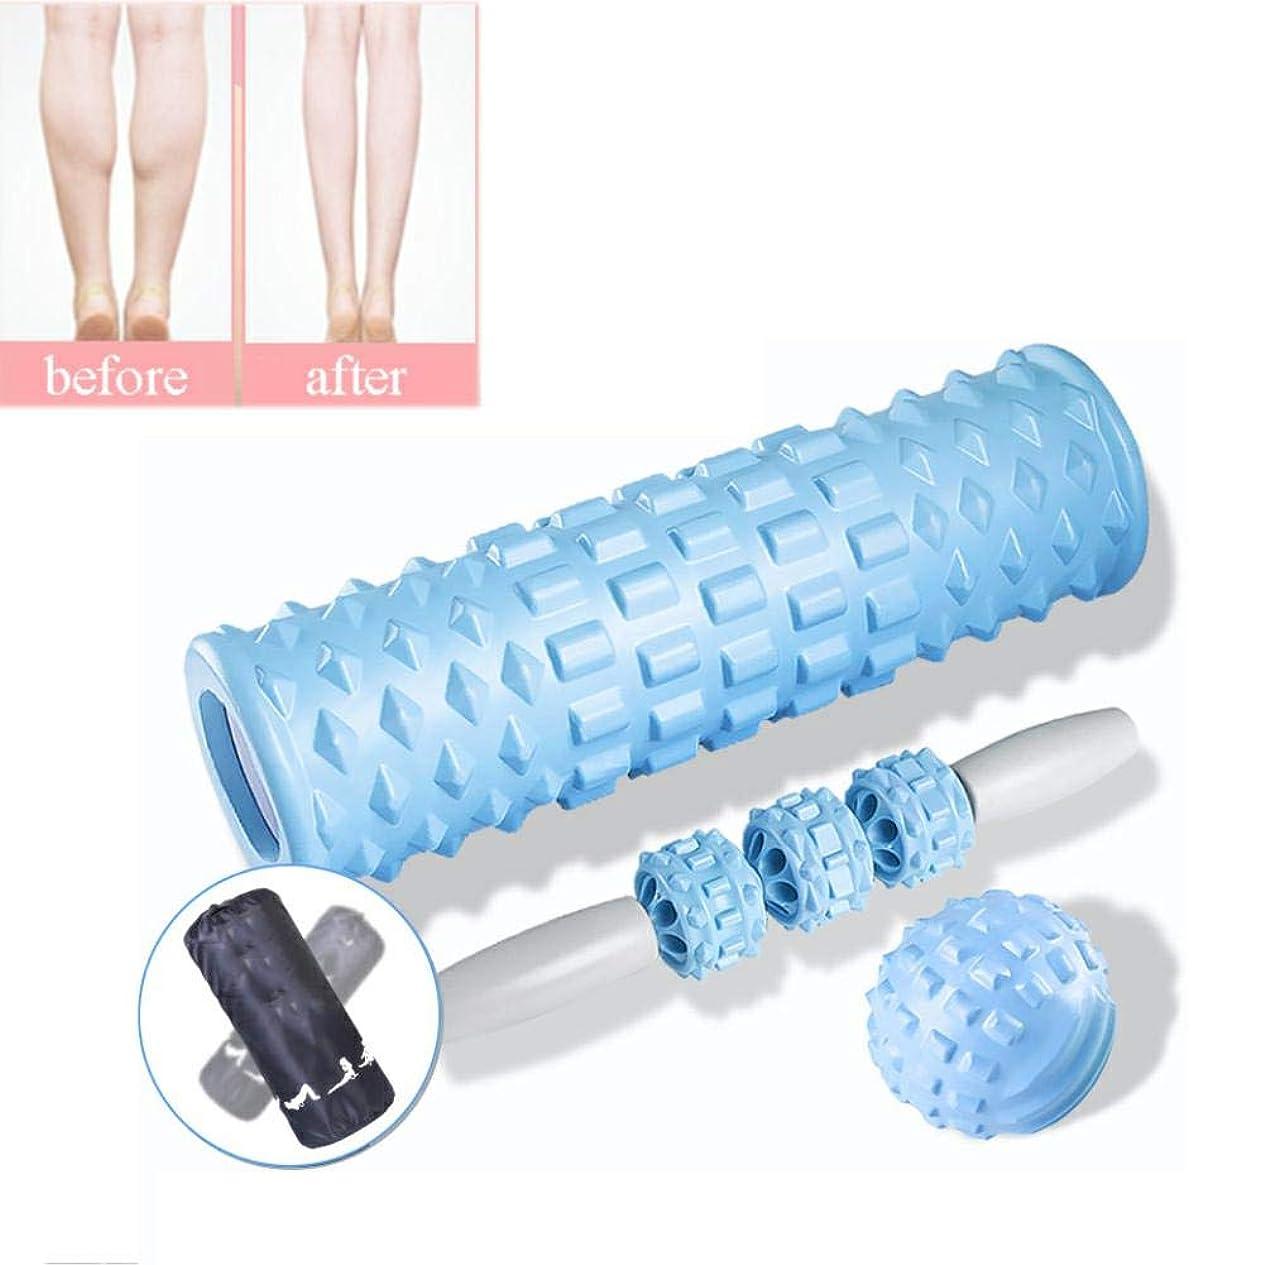 かみそりワーディアンケース表面フォームローラー 筋肉理学療法スポーツディープティッシュ筋肉マッサージスリーピースのための浮動小数点泡ローラー